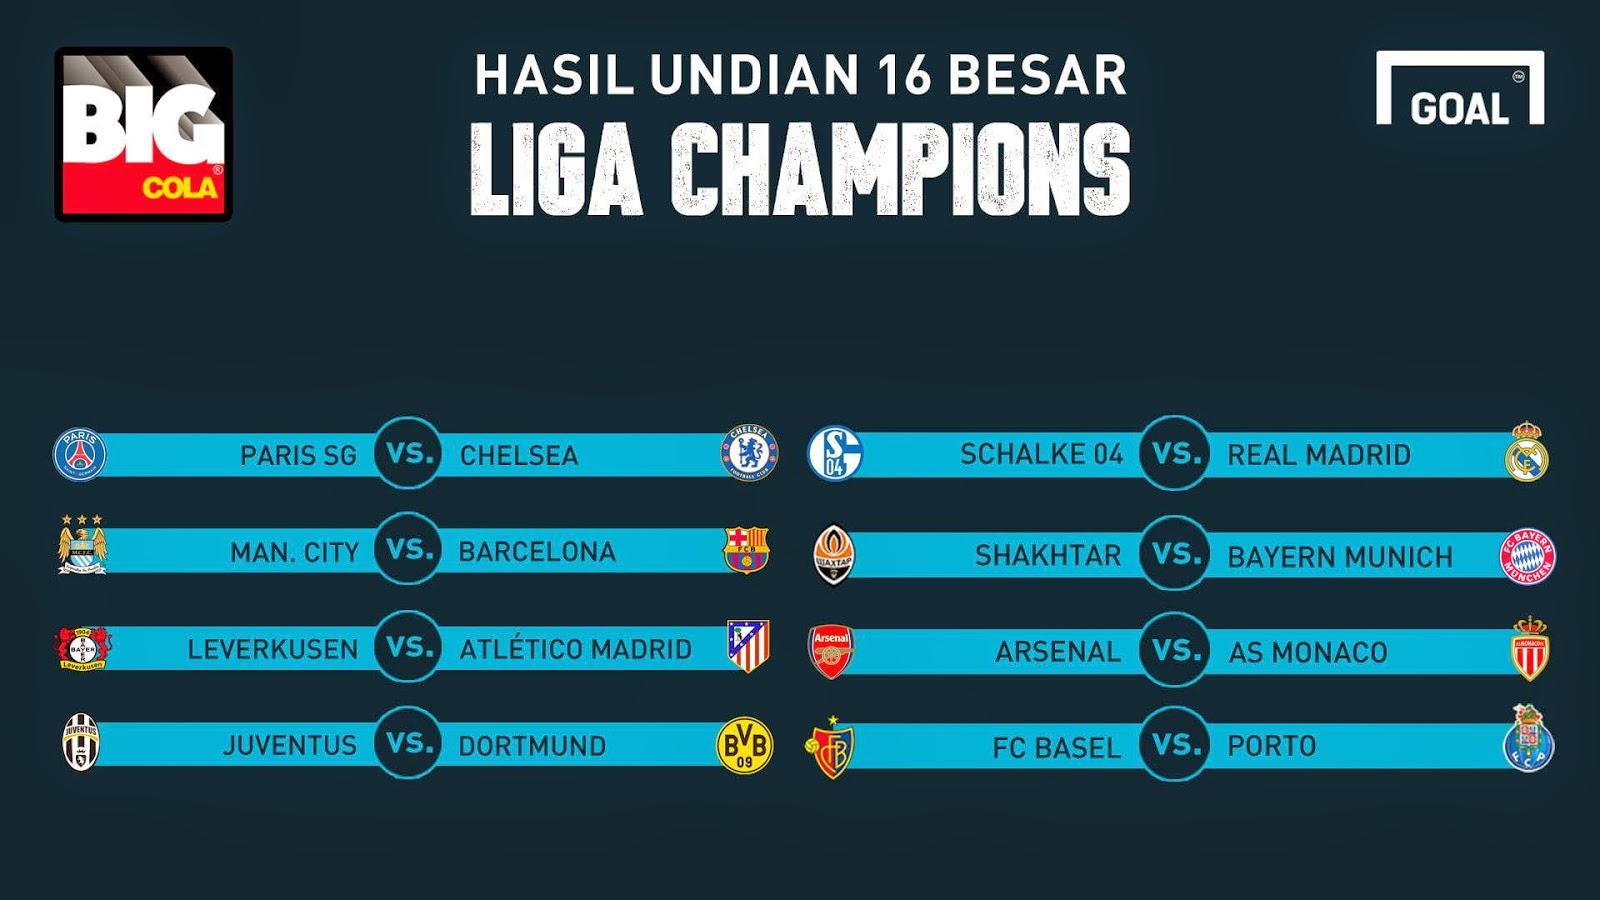 Hasil Drawing 16 Besar Liga Champions 2014